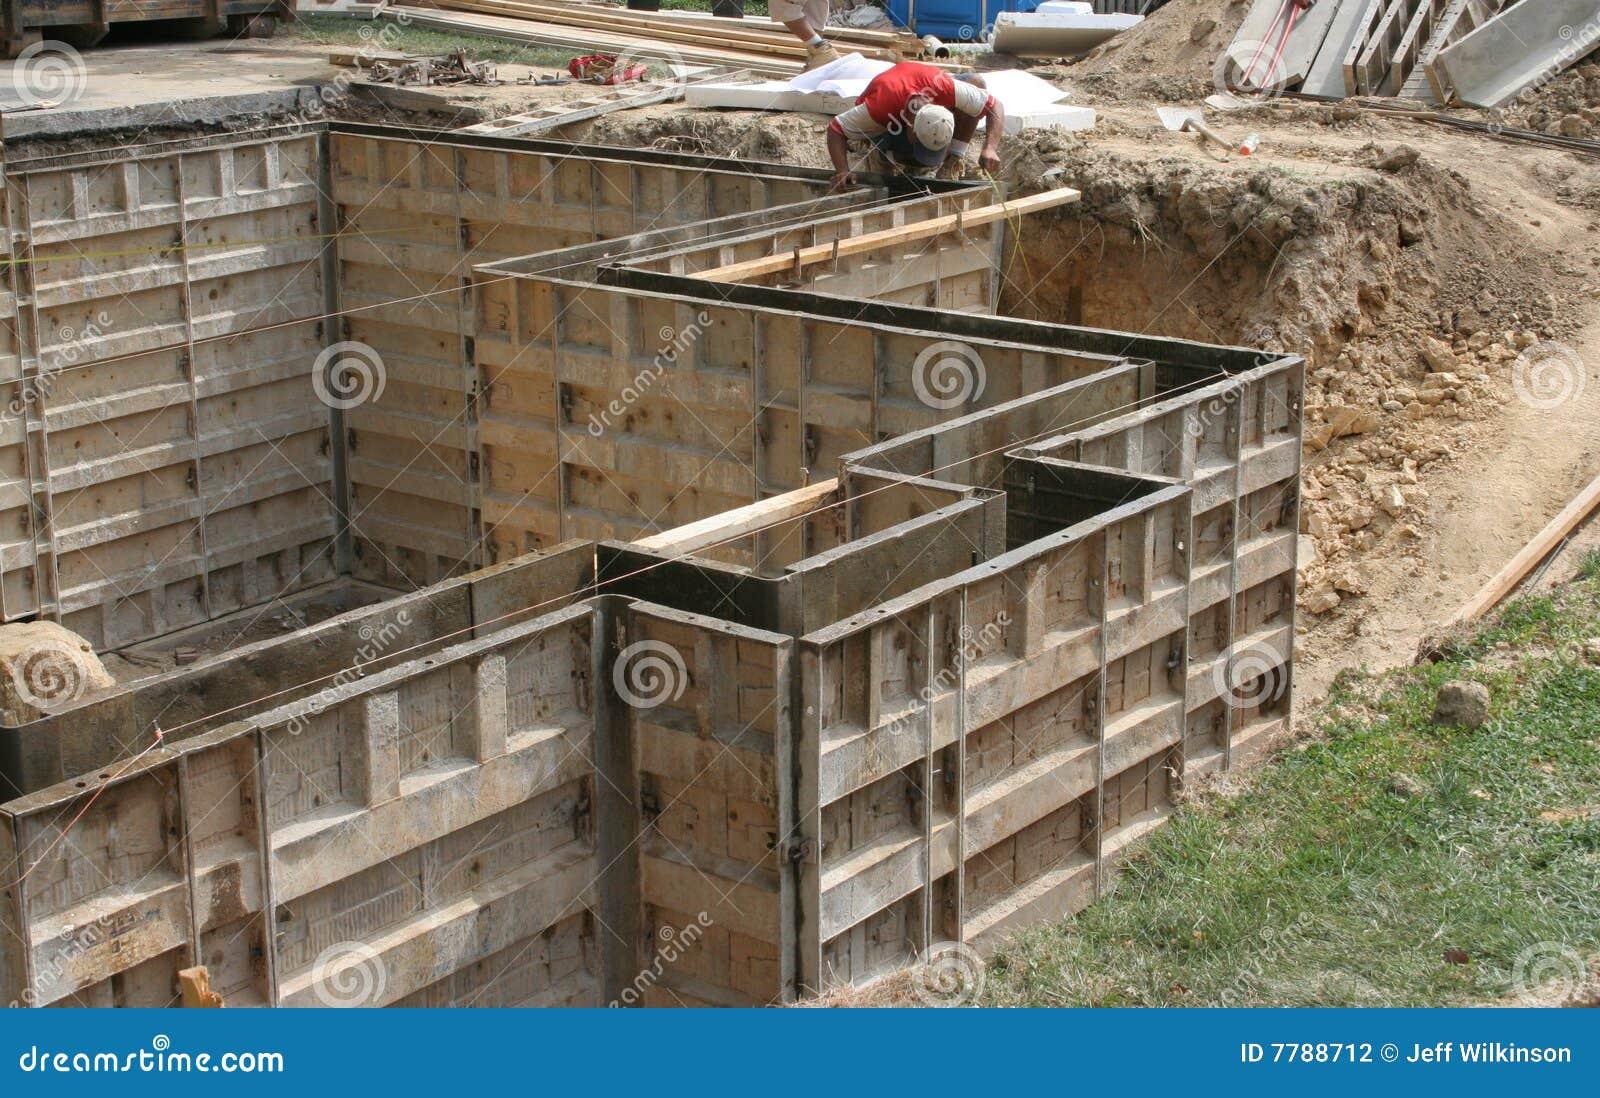 Formas de pared moldes para el concreto foto de archivo - Moldes de cemento ...